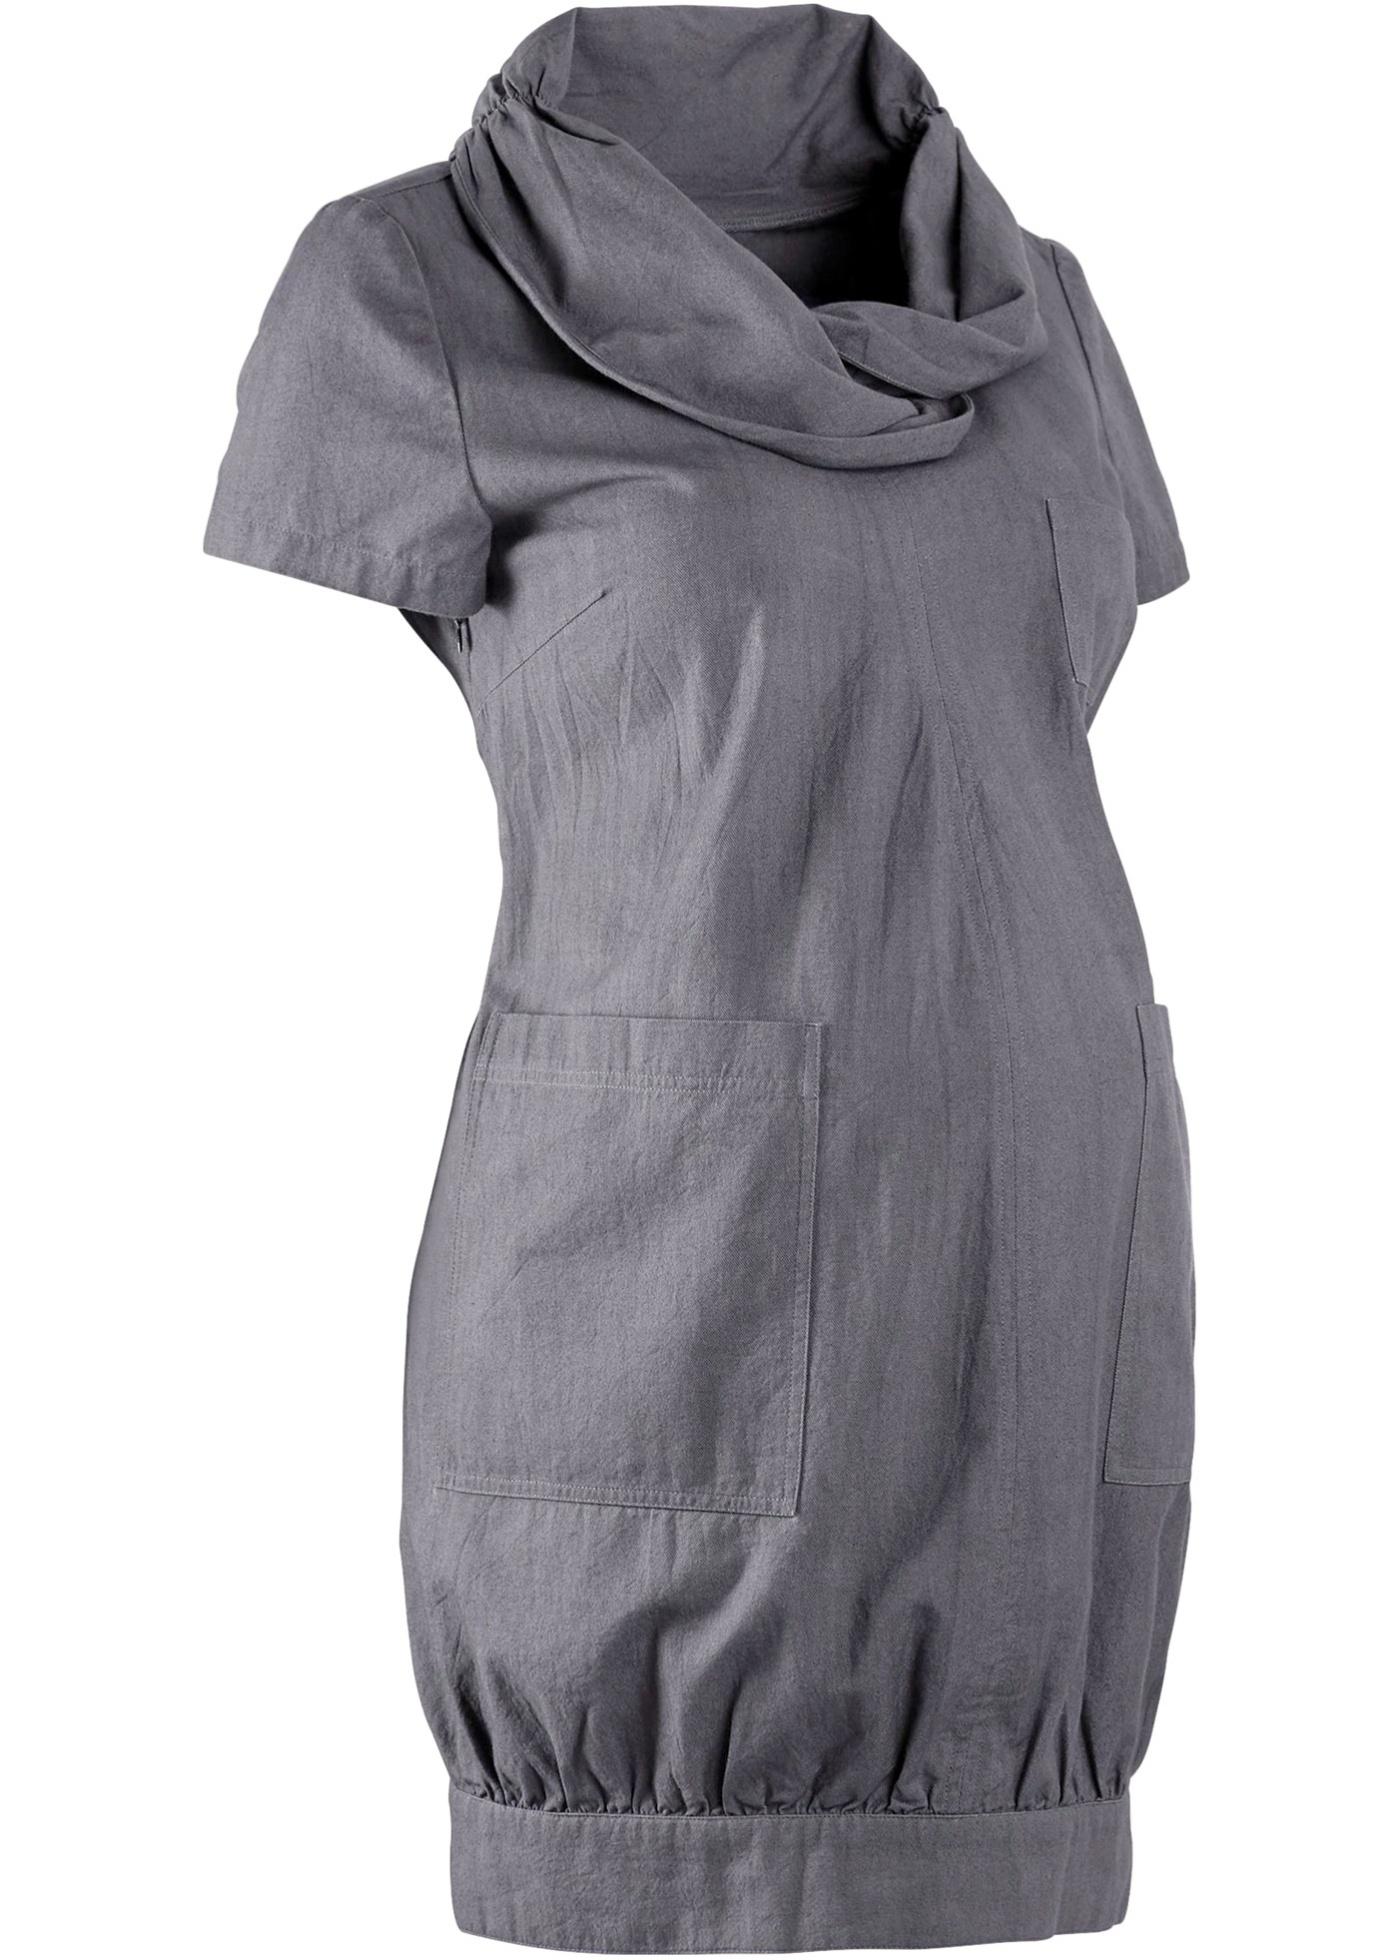 bpc bonprix collection Umstandsmoden Ballon-Kleid mit Erweiterungsfunktion in Bio-Baumwolle in grau von bonprix